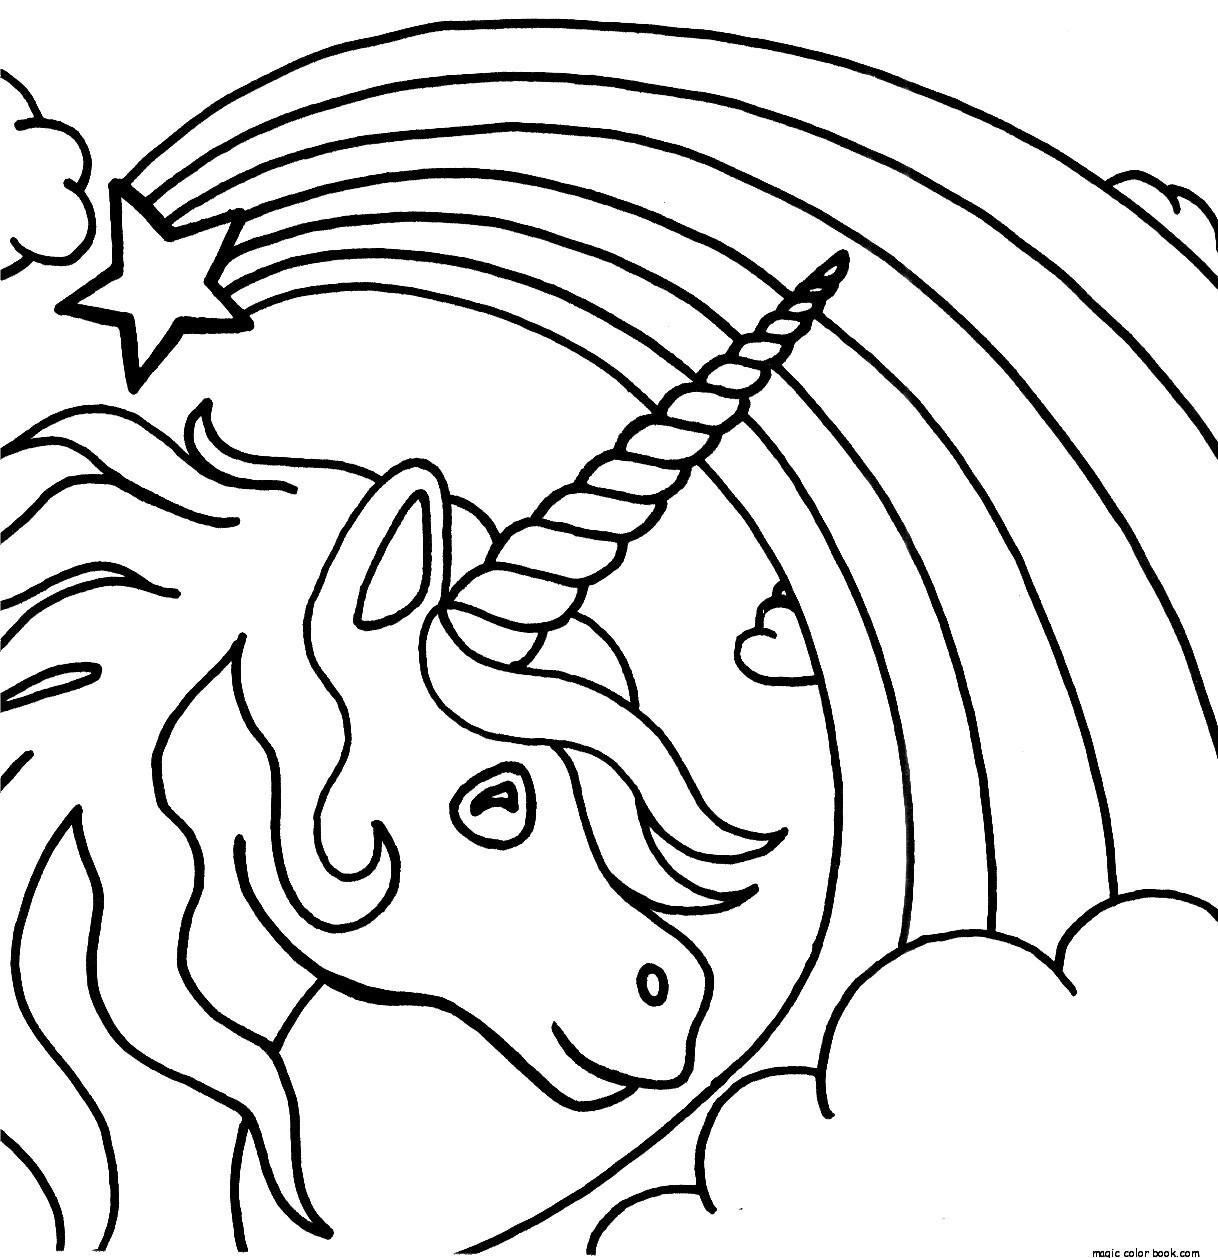 free printable drawings - Selo.l-ink.co